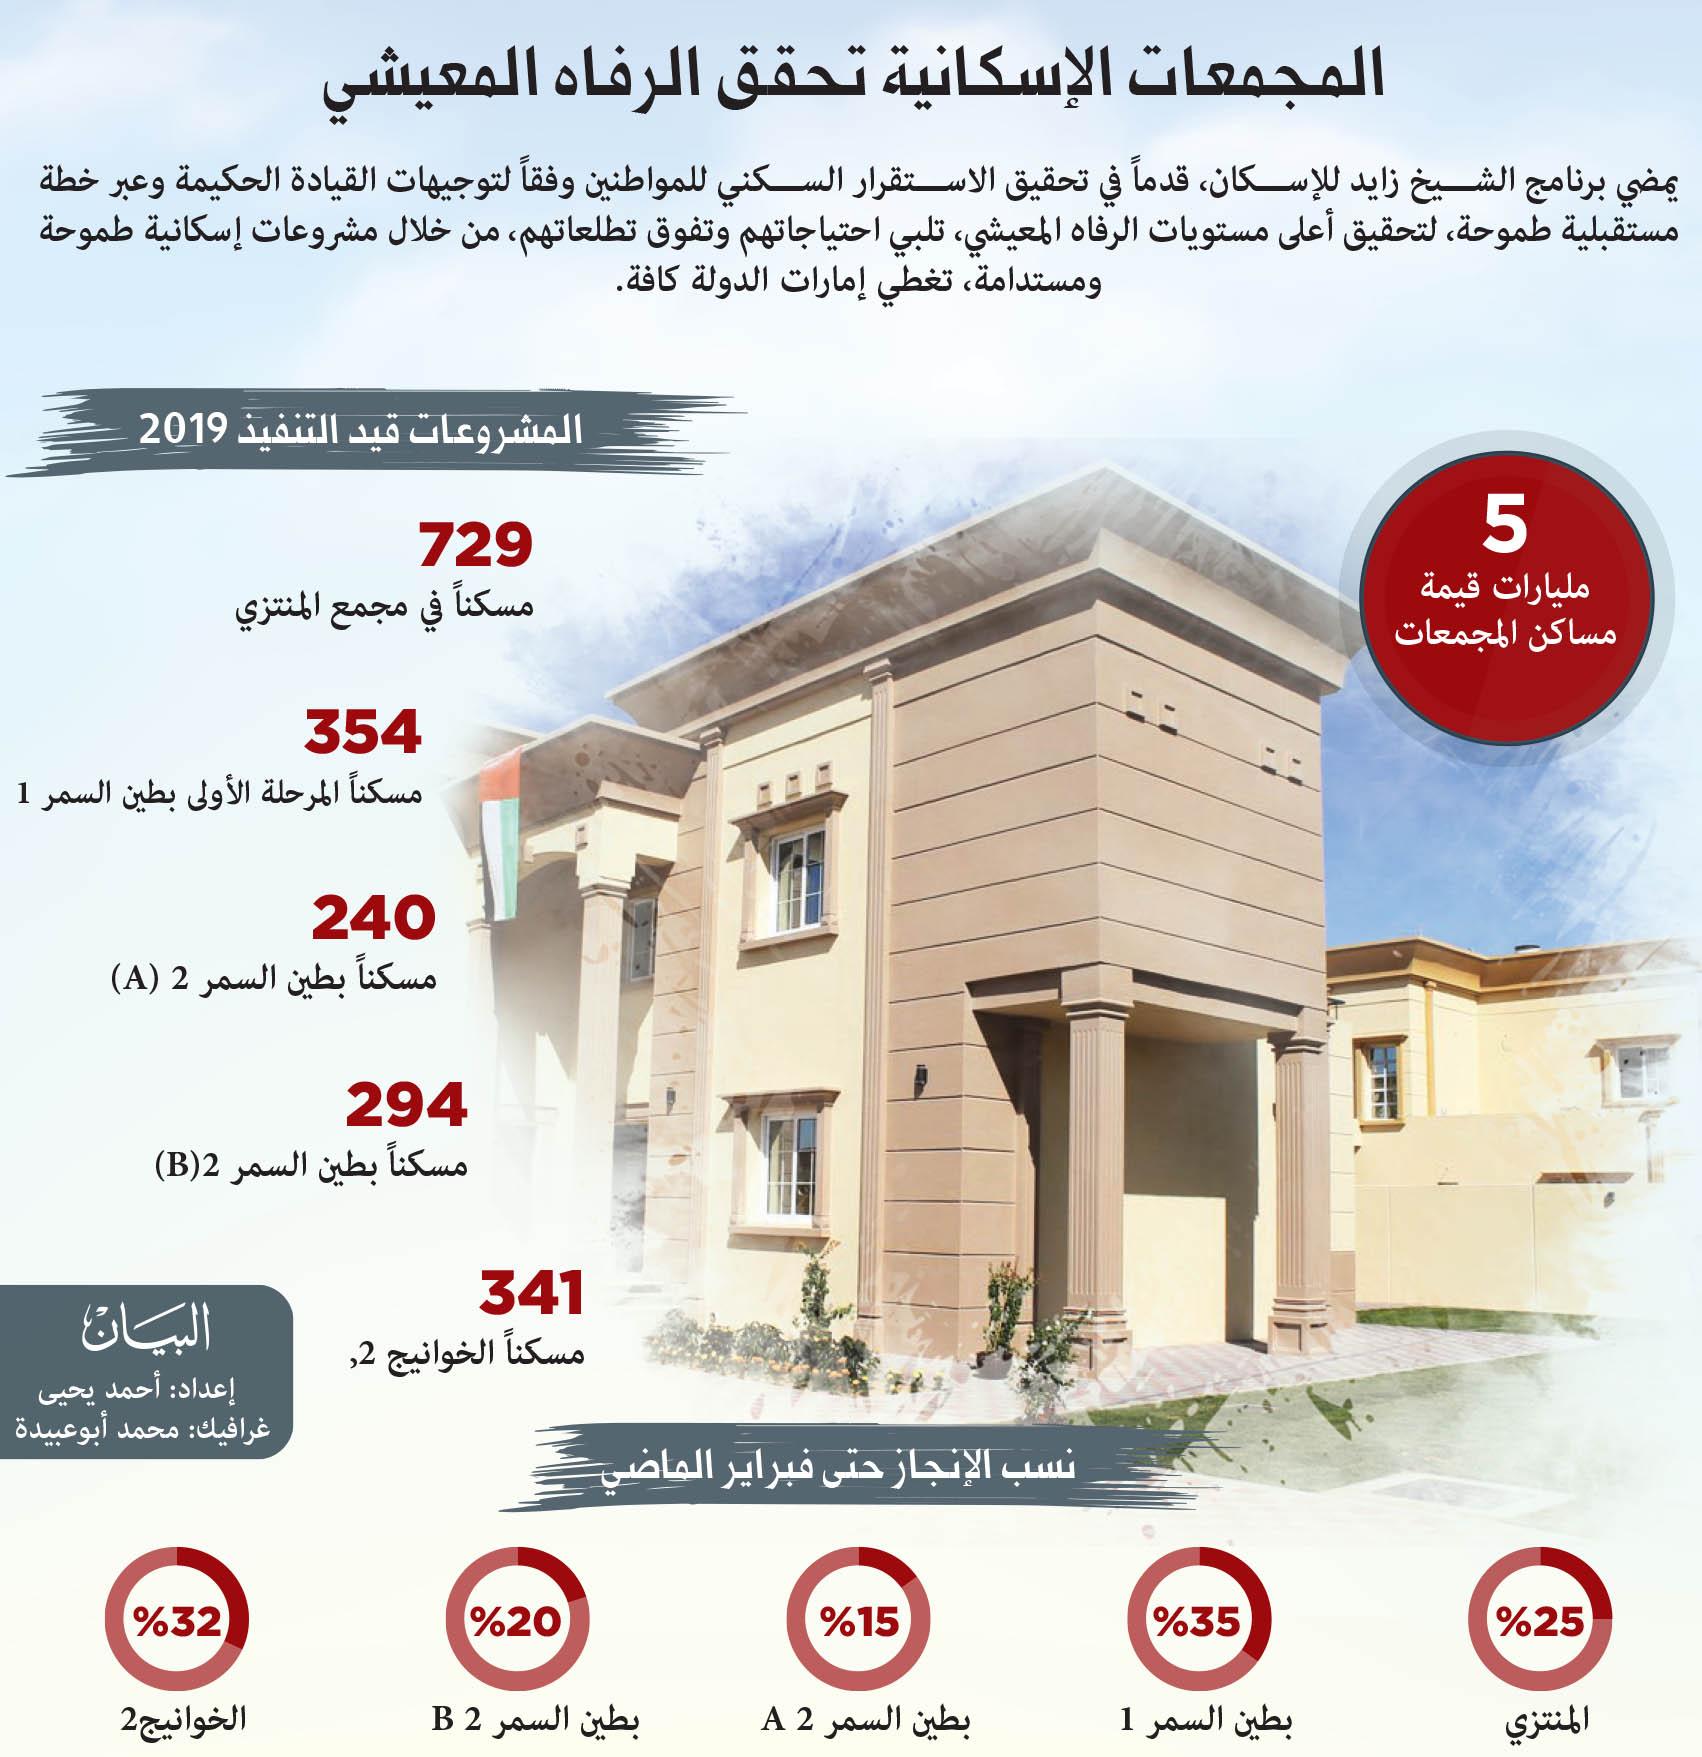 10 مشروعات ينفذها زايد للإسكان حتى 2025 عبر الإمارات أخبار